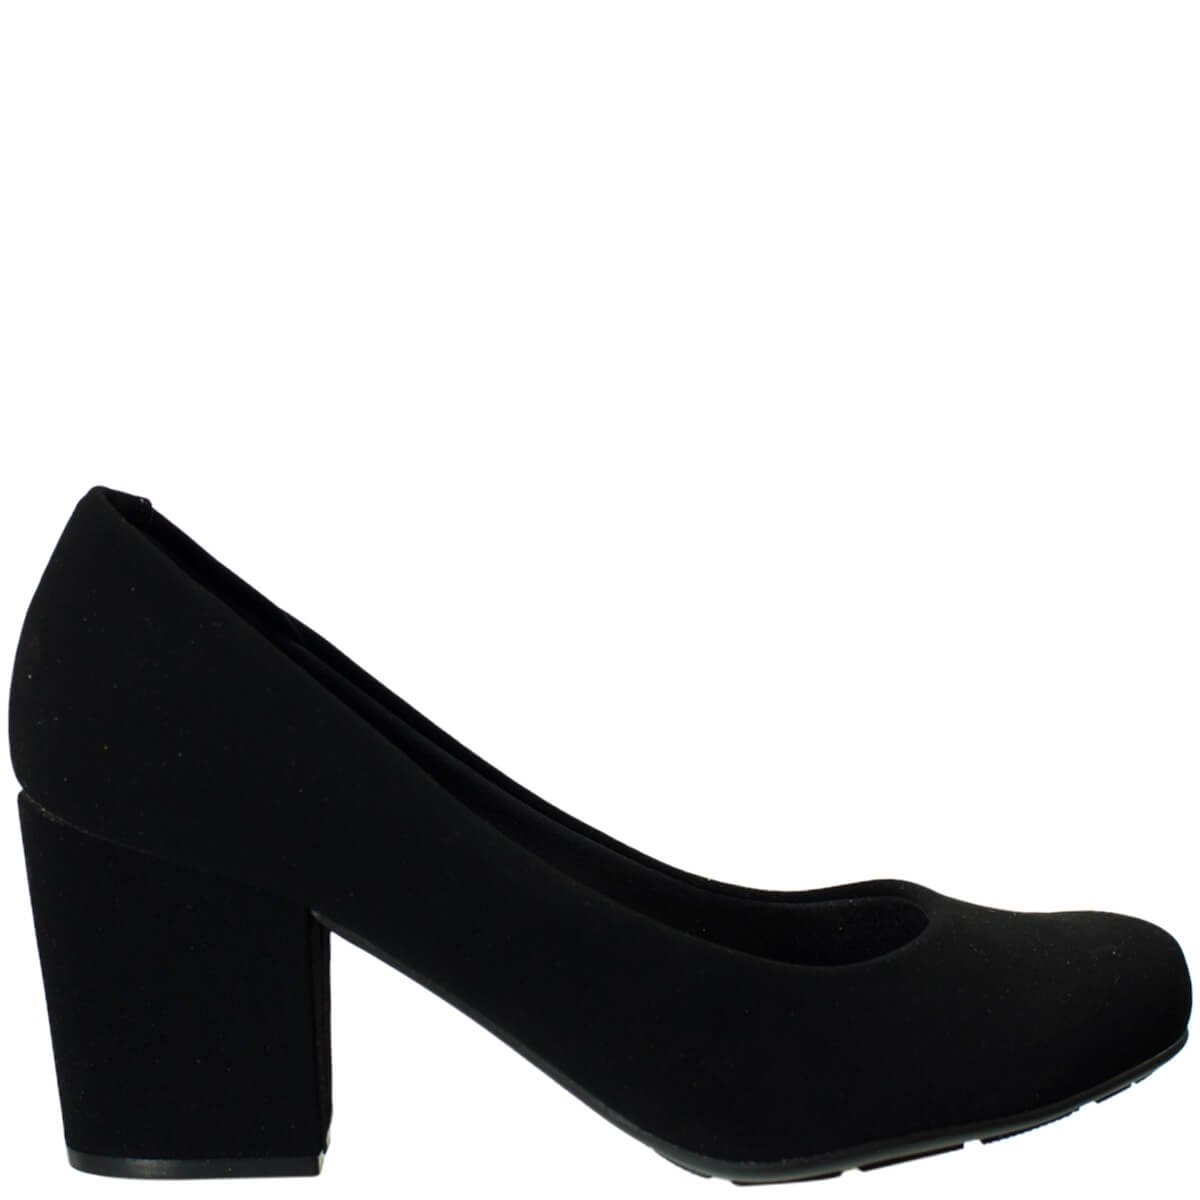 c9e75df1f Bizz Store - Sapato Feminino Moleca Verniz Nobuck Salto Grosso